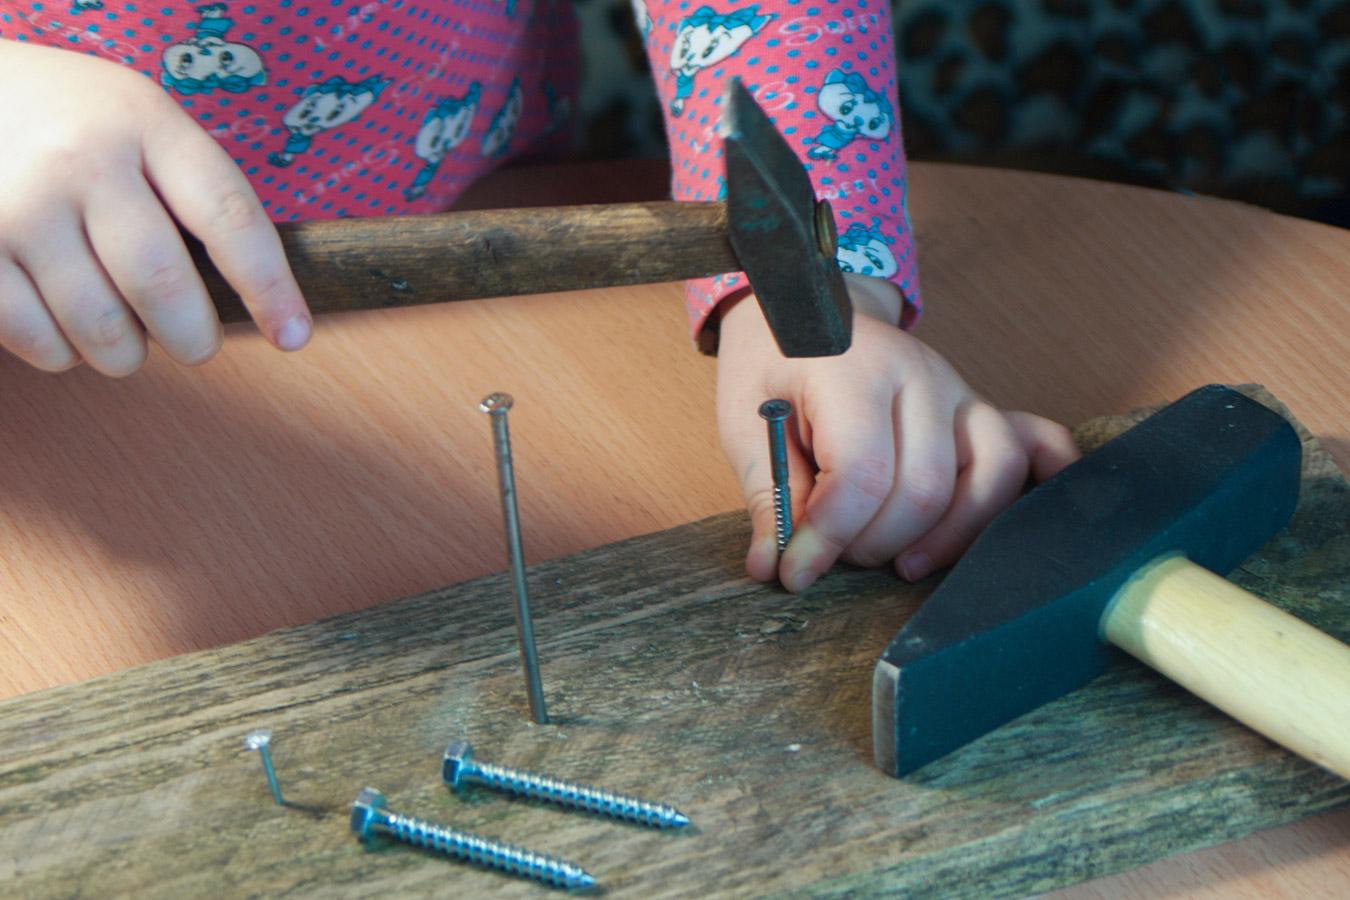 Pękające lub schodzące paznokcie u dziecka [przyczyny, leczenie]